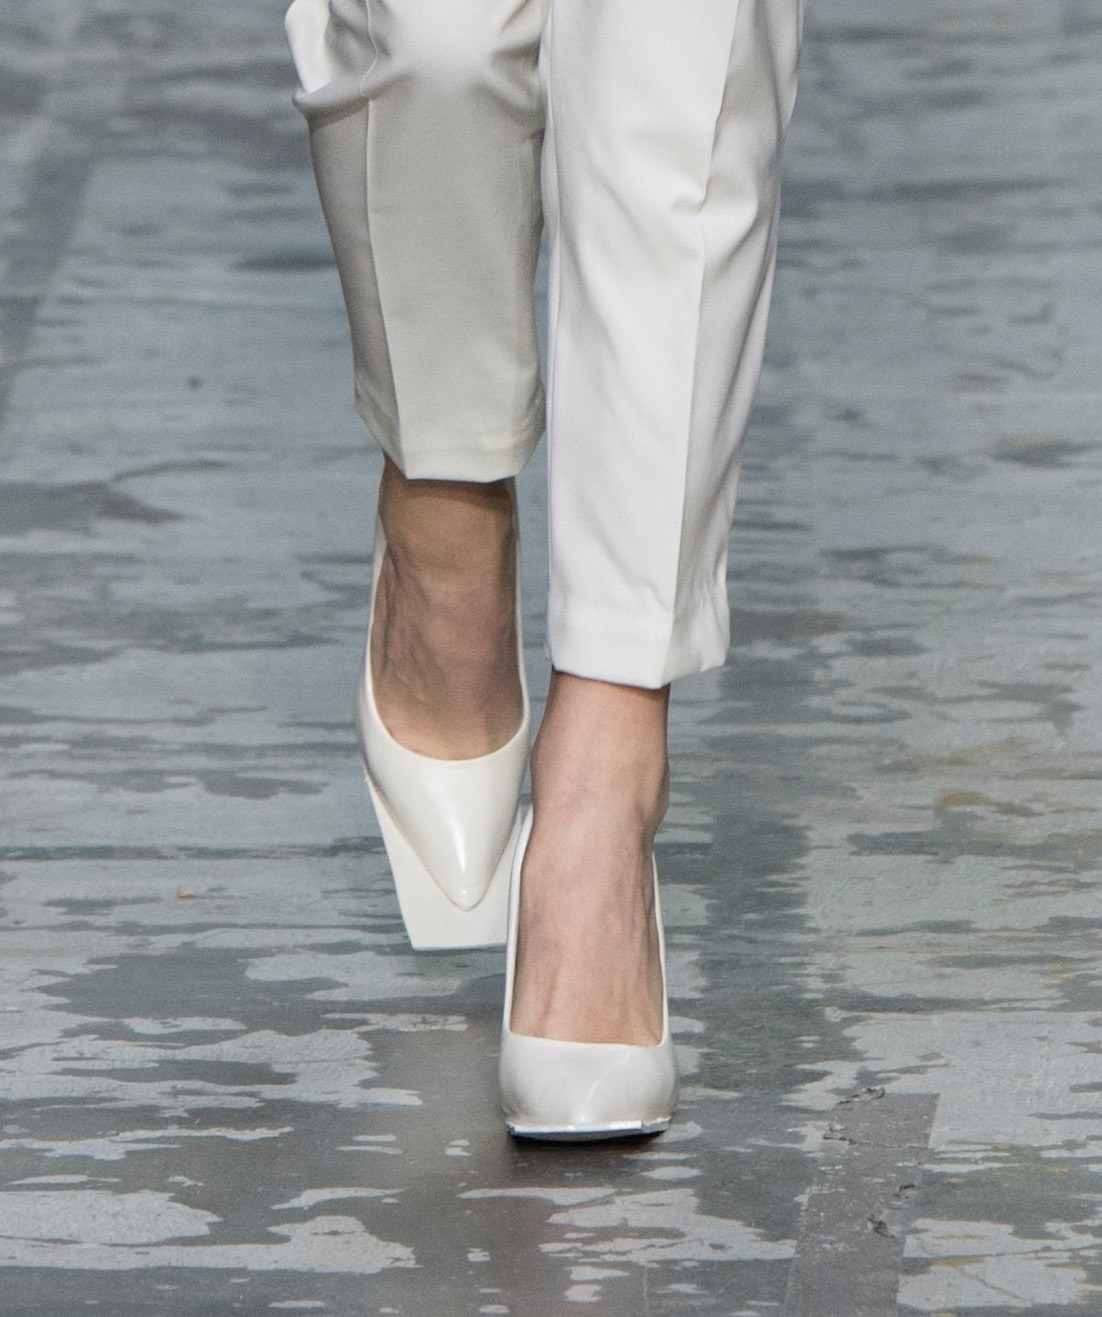 Le scarpe di Murano indossate da BeyoncC dettaglio